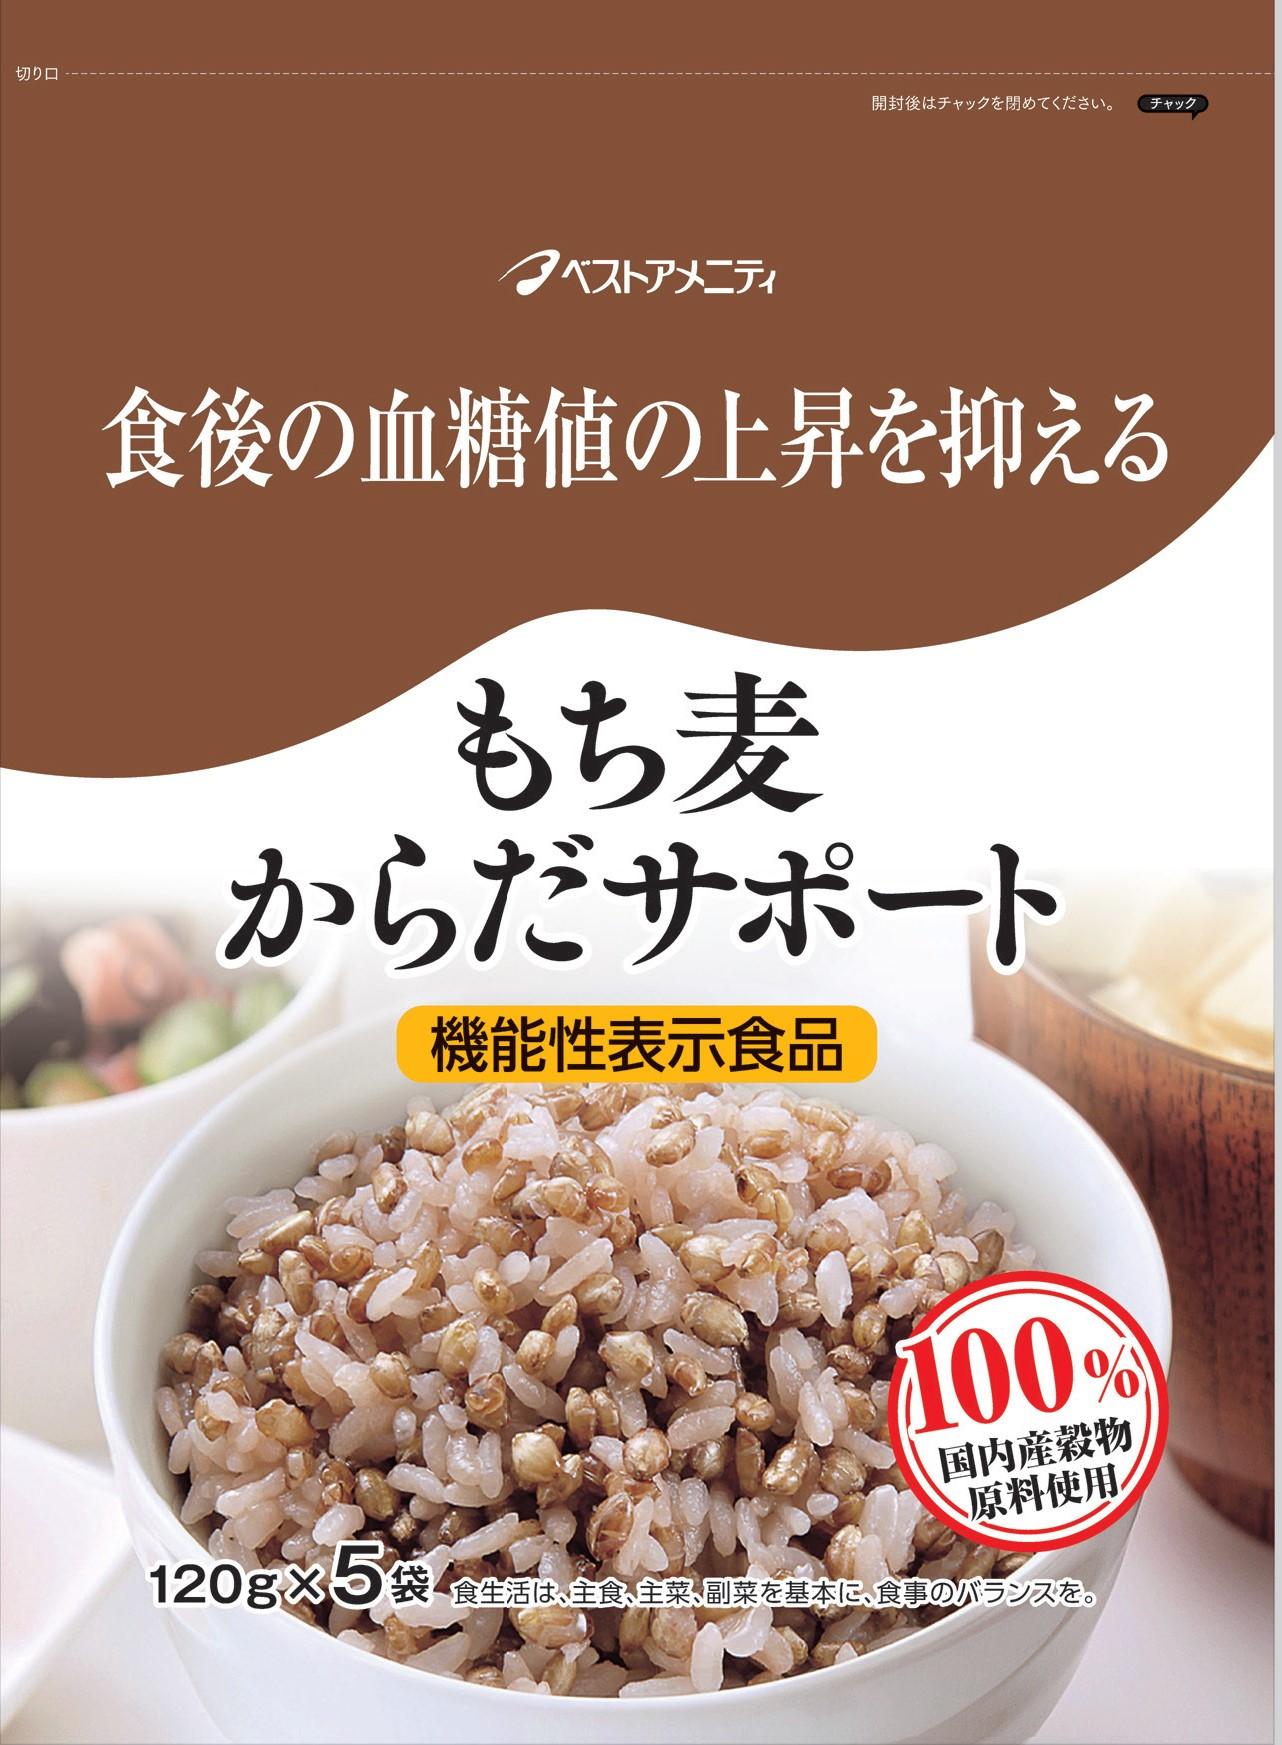 Z01-947_もち麦からだサポート_120g×5袋_表面データ